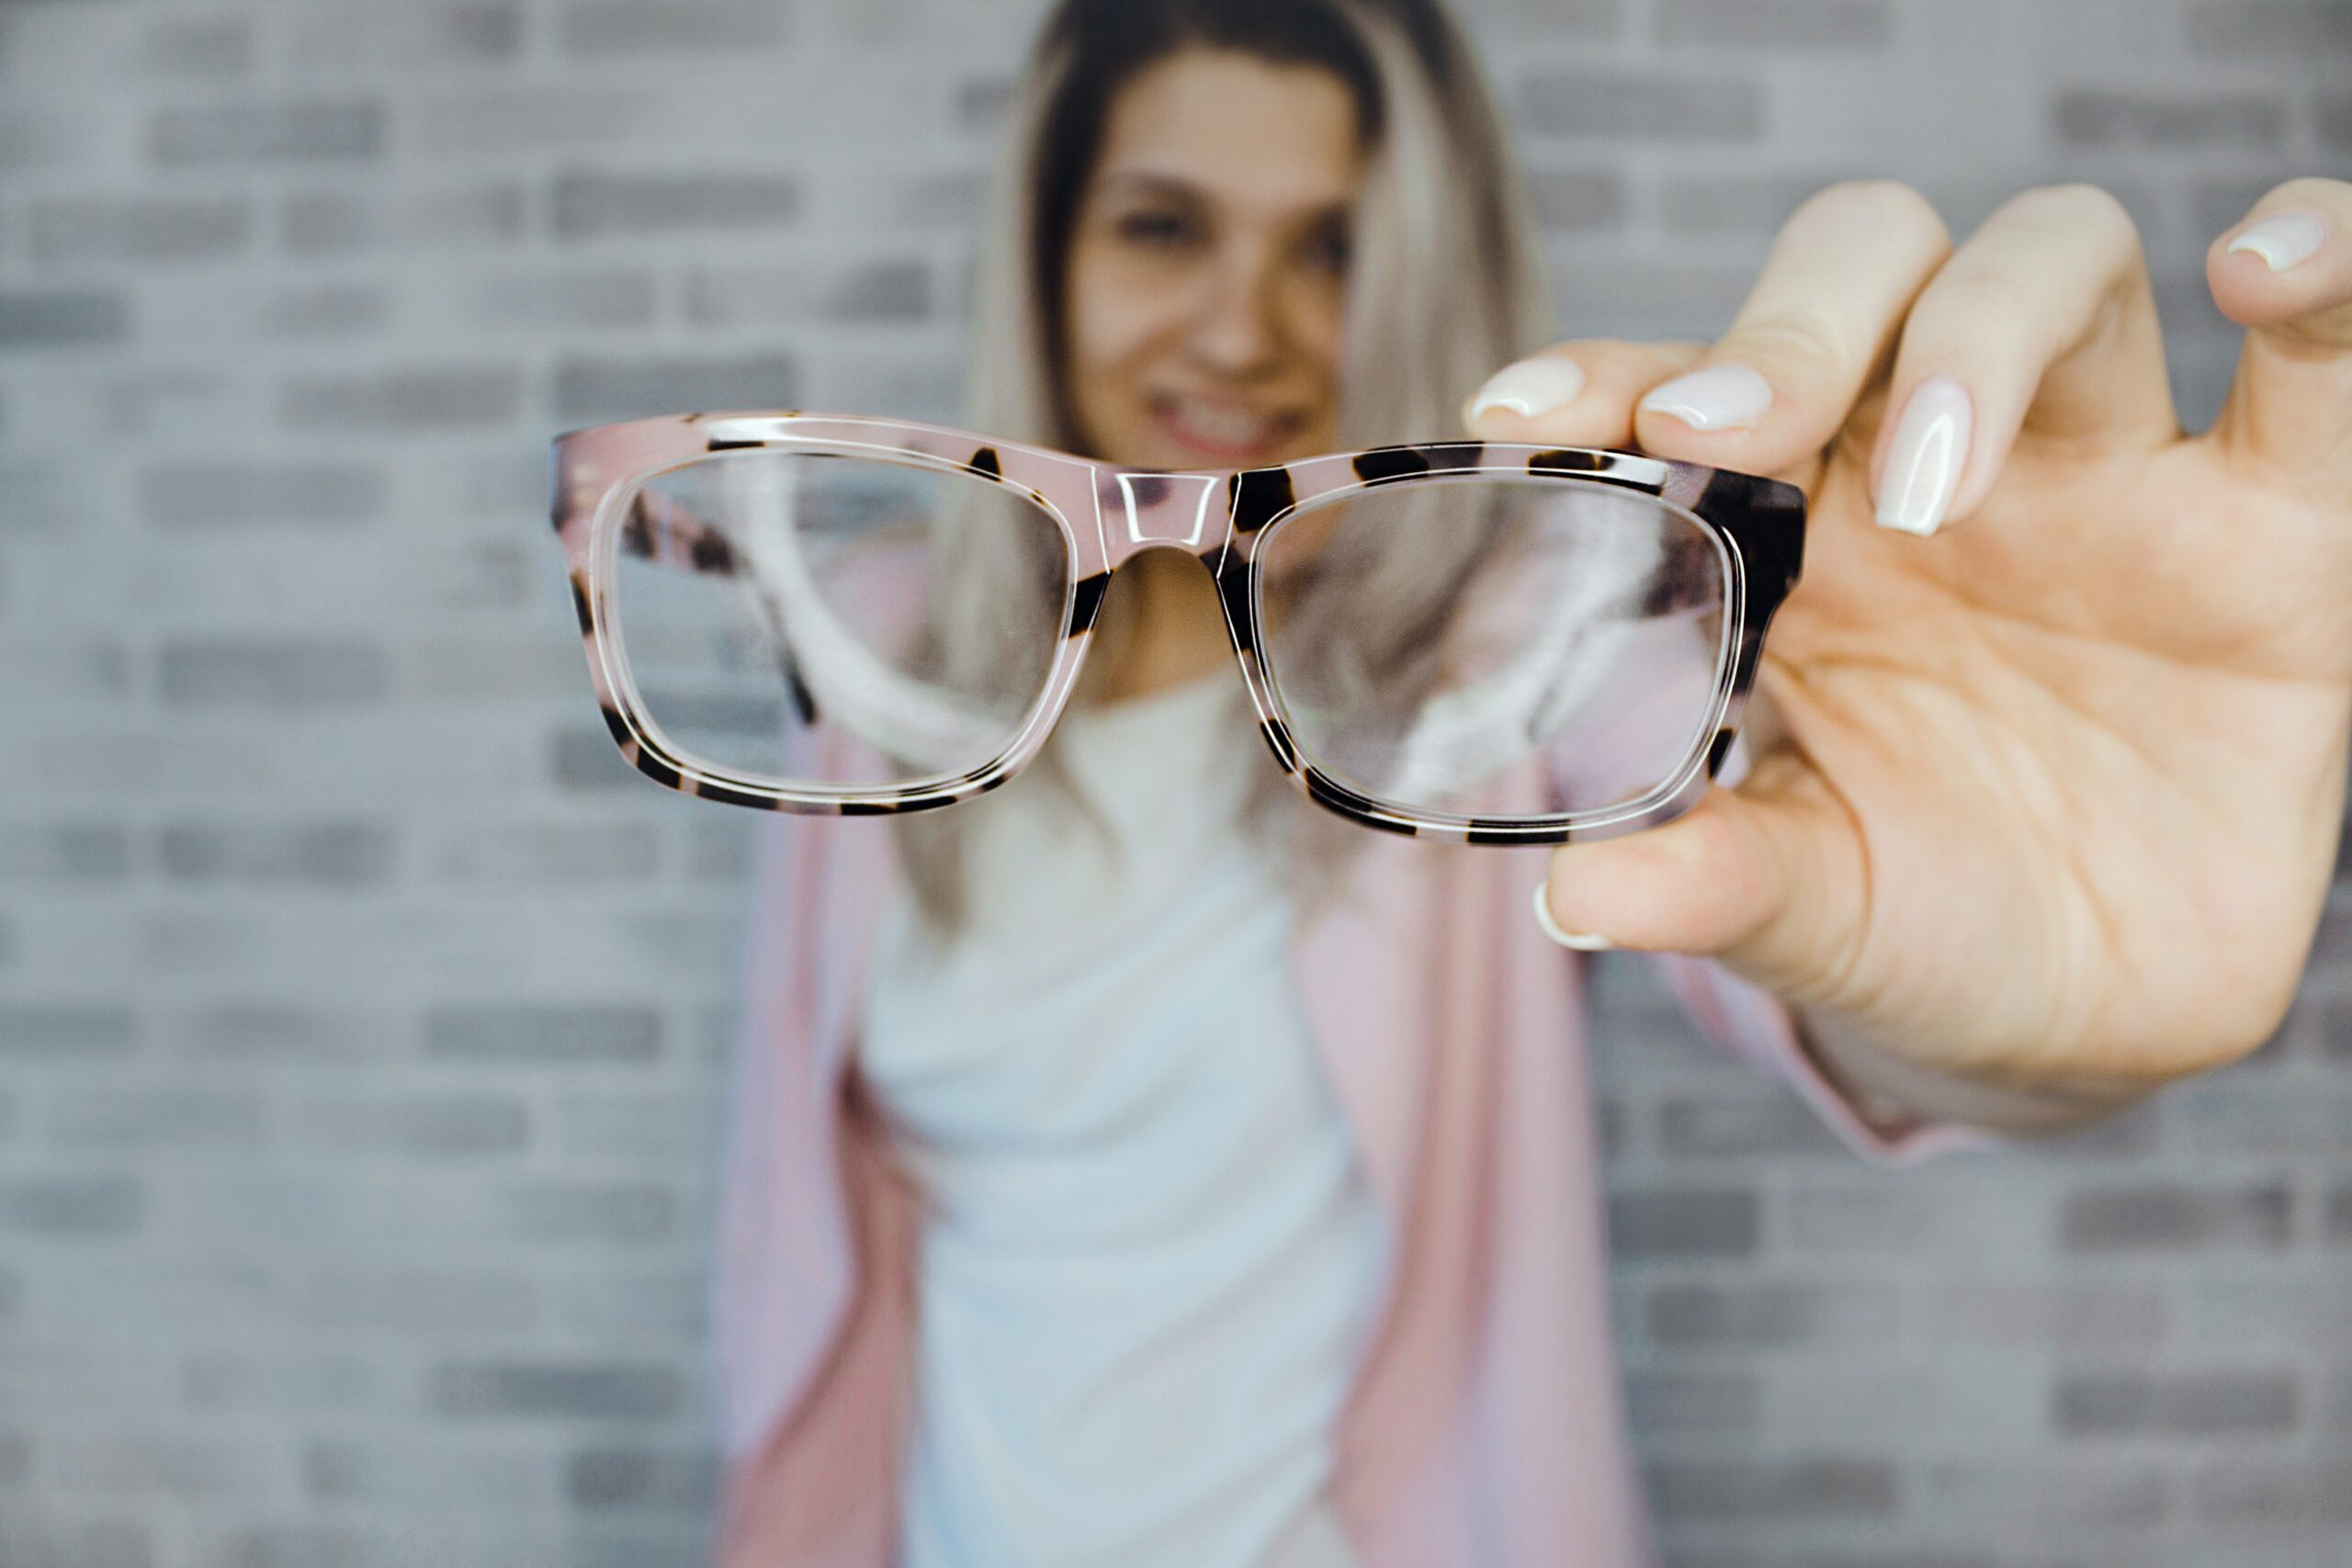 Chica enseñando unas gafas